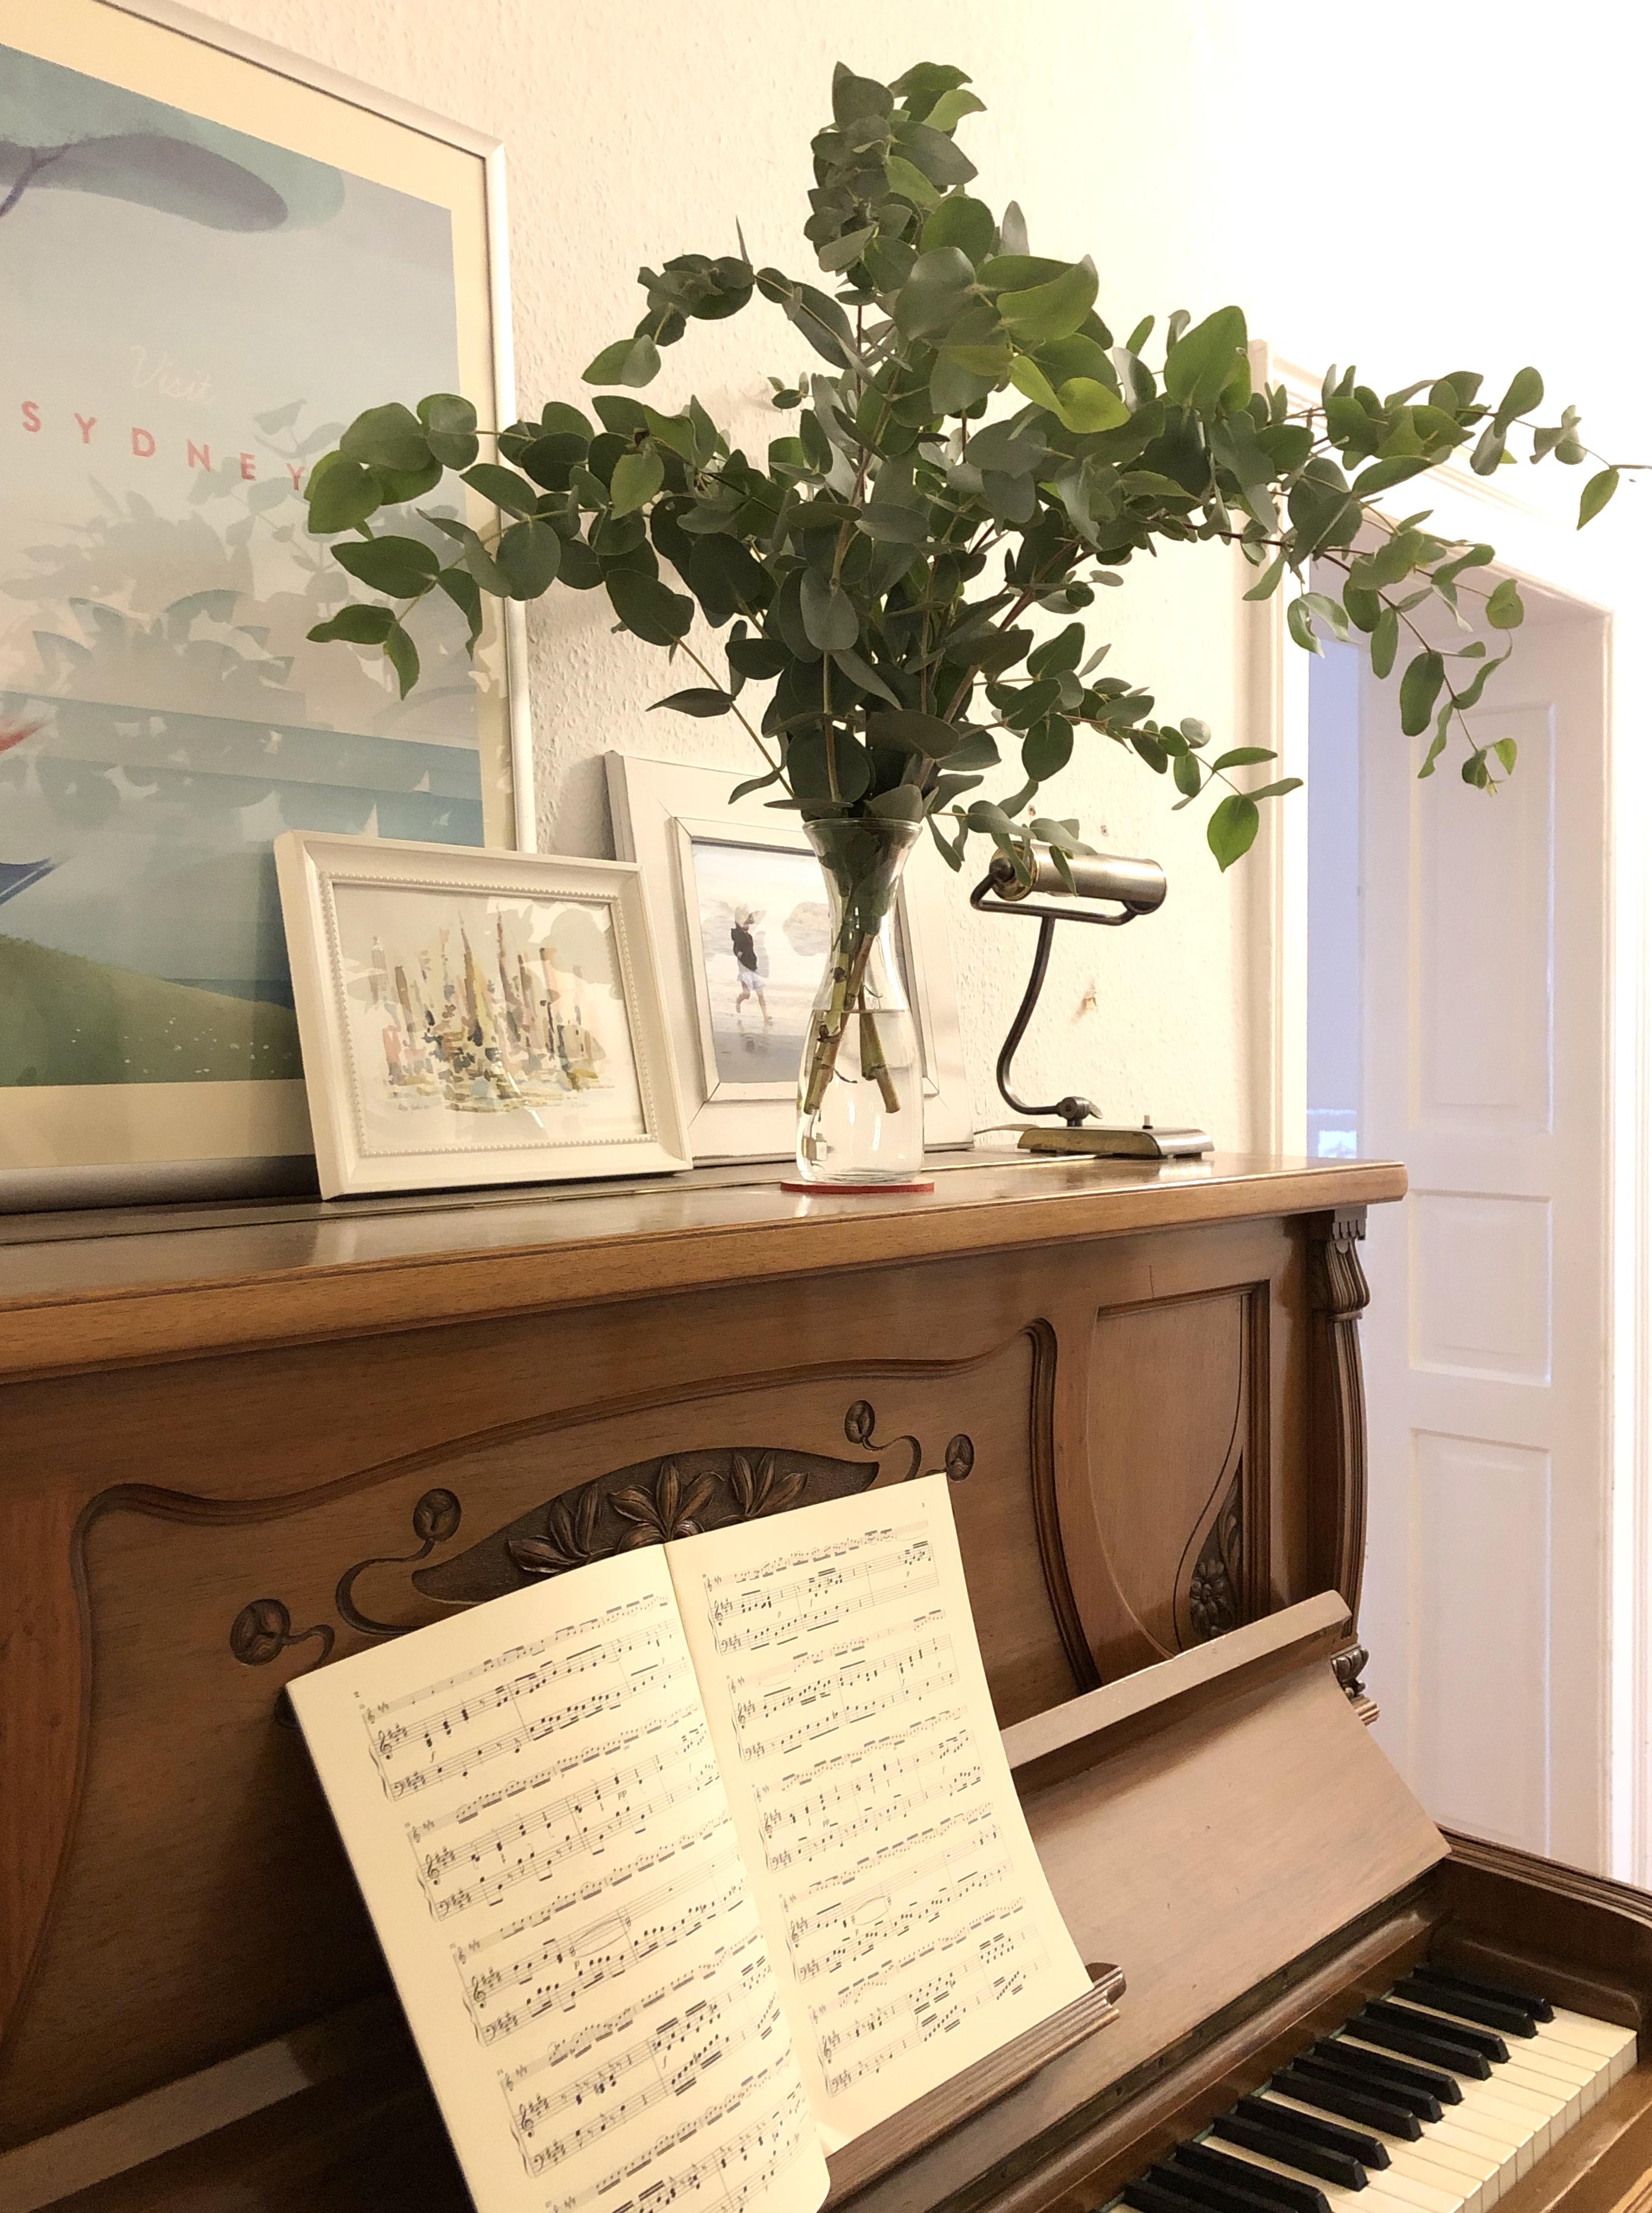 Wohnen, Pflanze, Naturholz, Weiß, Dekoration, Tür, Bilderrahmen, Klavier